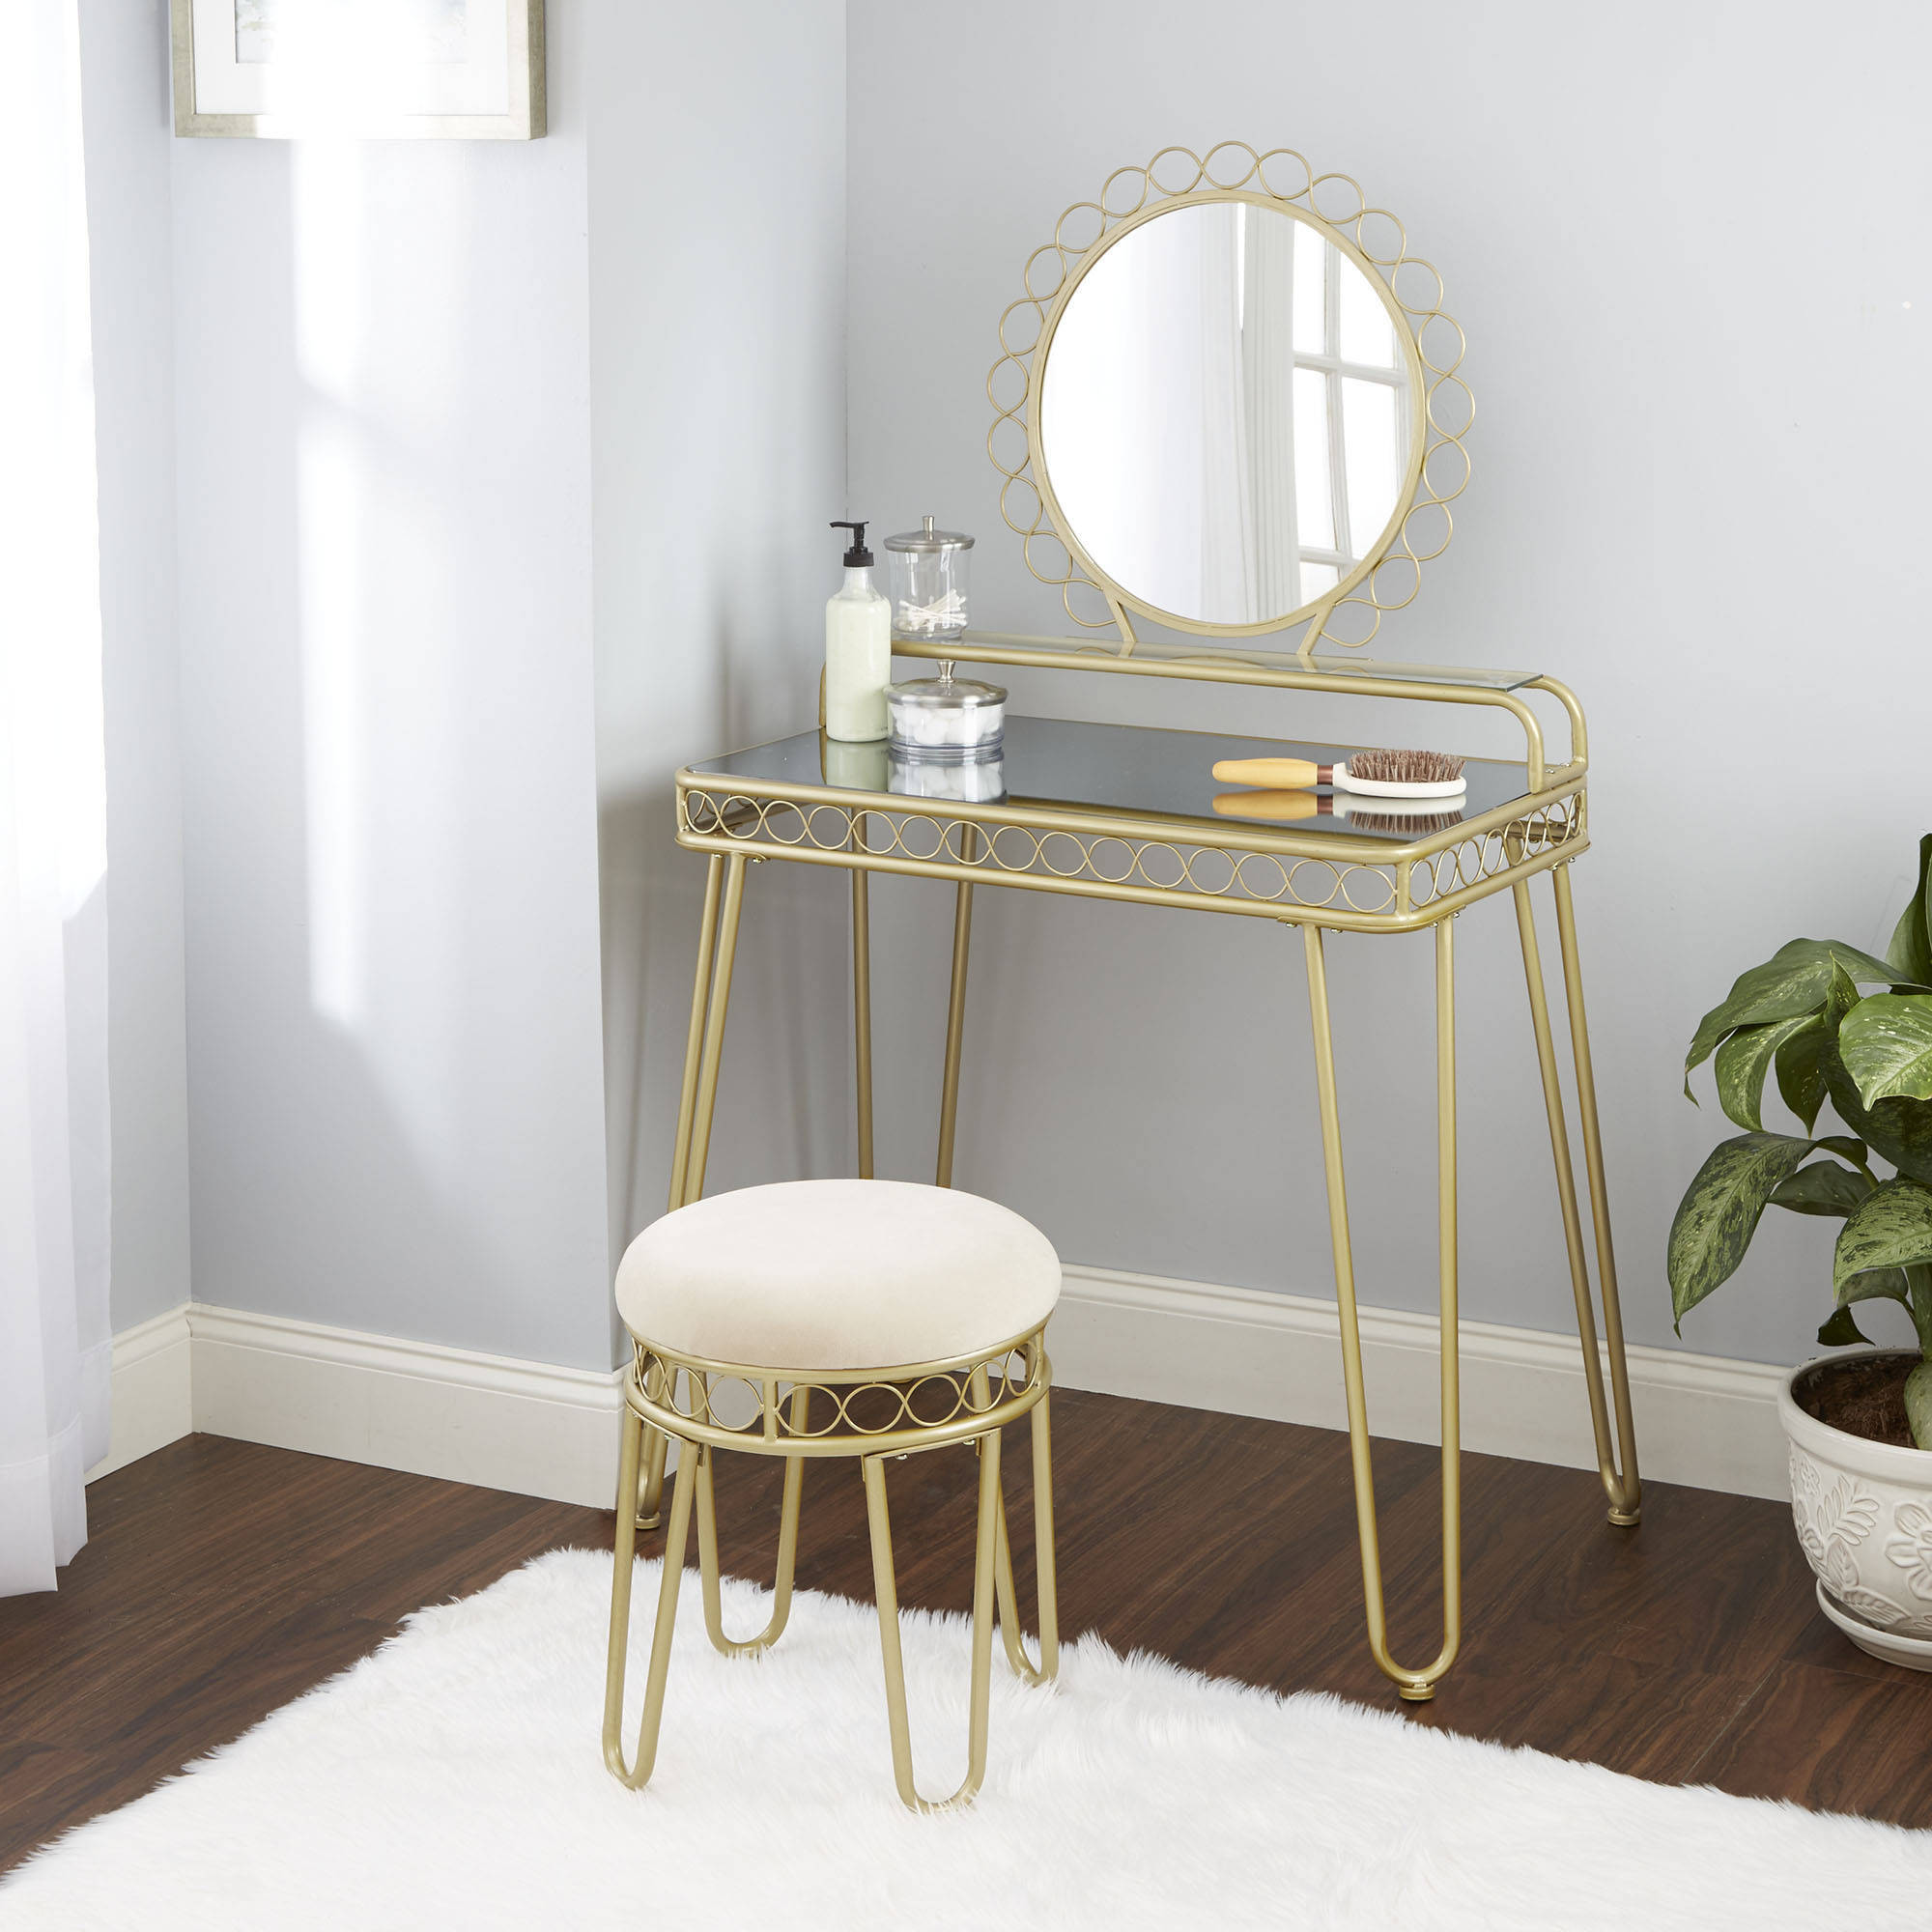 Better Homes and Gardens Mirabella Bedroom Vanity & Stool - Walmart.com